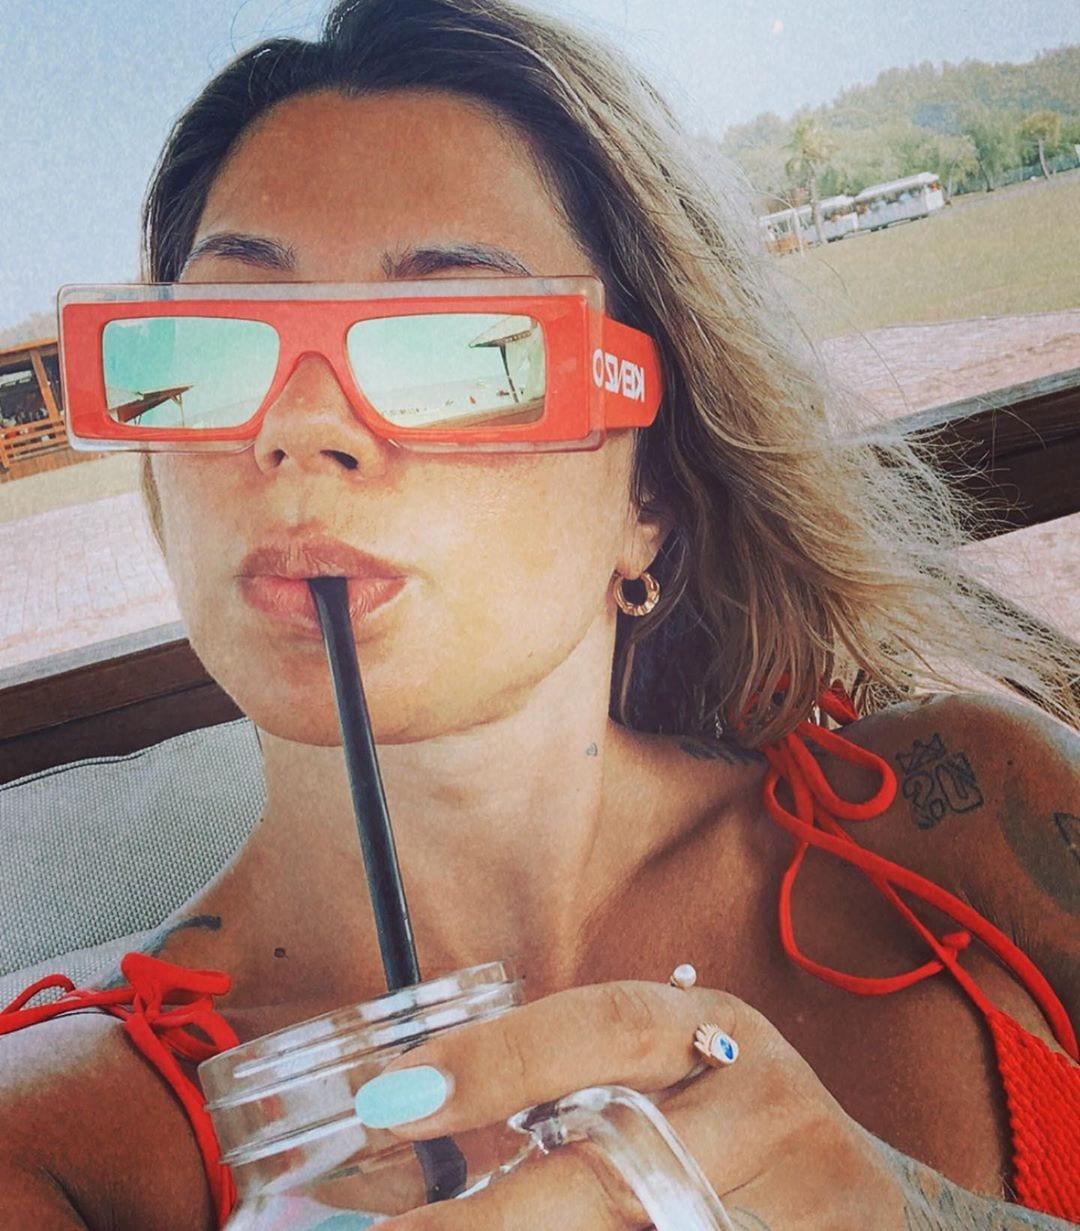 Dani Souza usando óculos de sol vermelho tomando água.